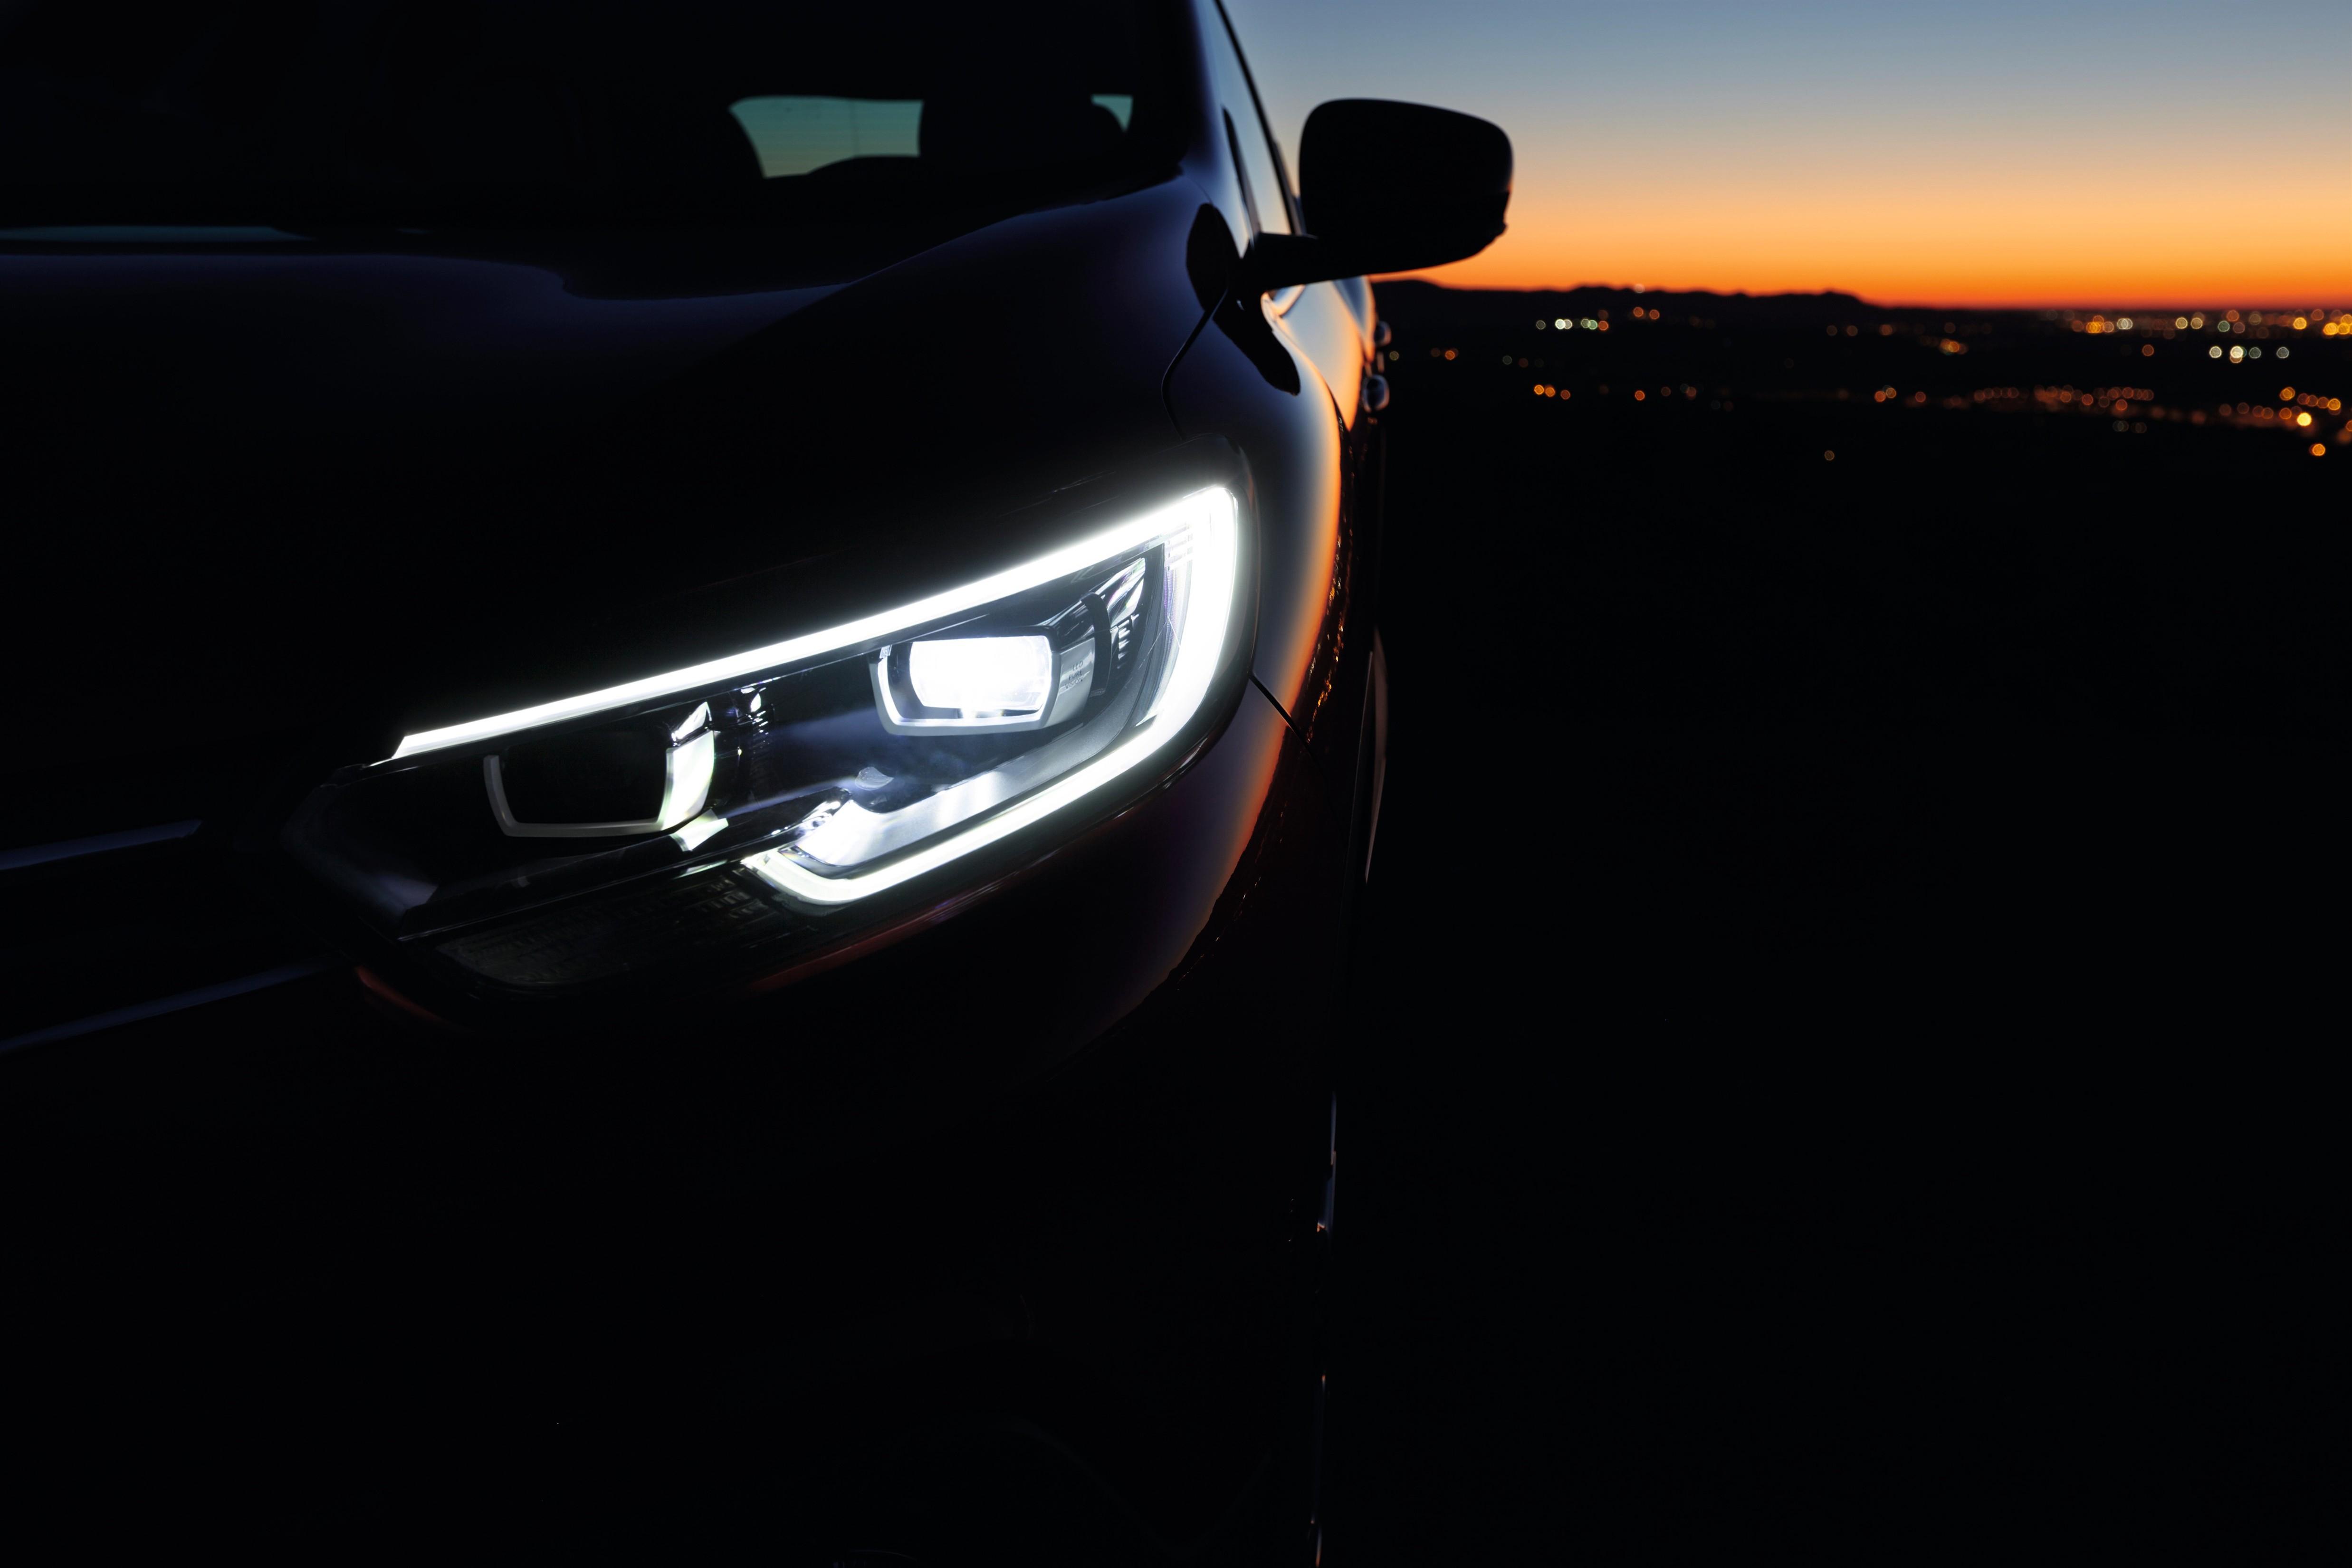 Renault_65521_global_en.jpg